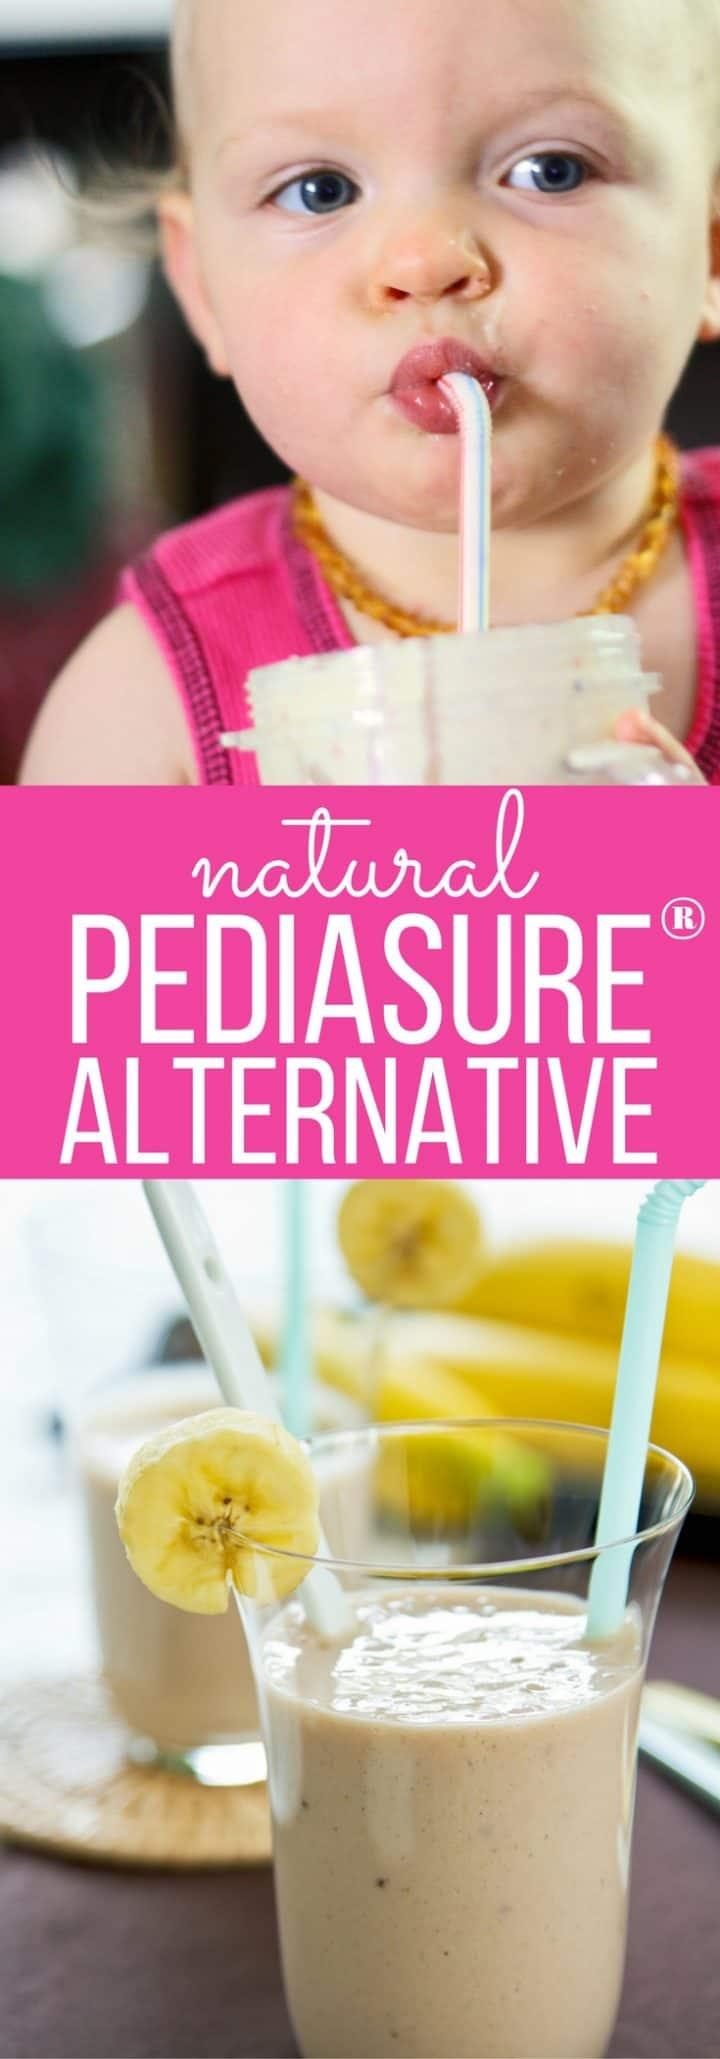 Natural Pediasure Alternative Diy Meal Replacement Shake